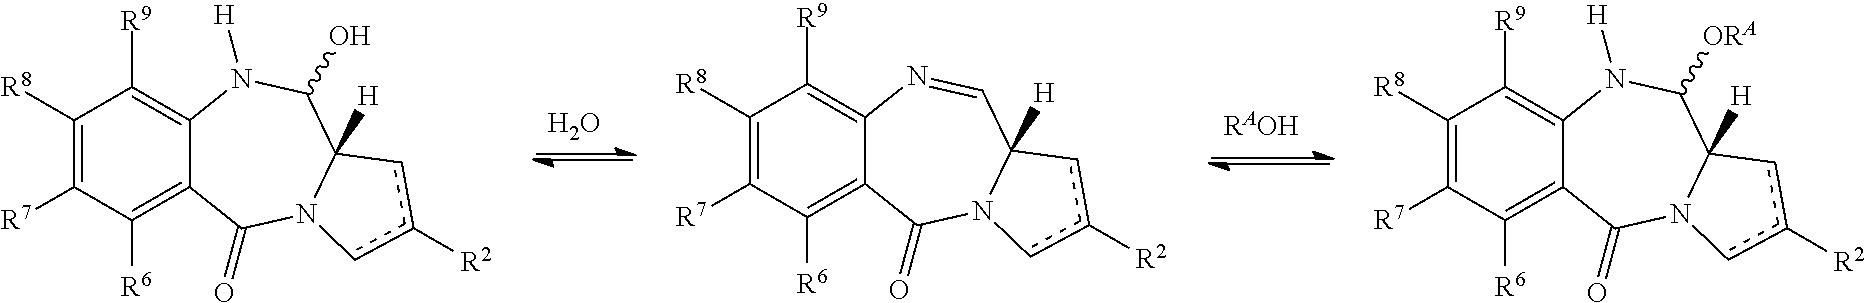 Figure US09919056-20180320-C00096